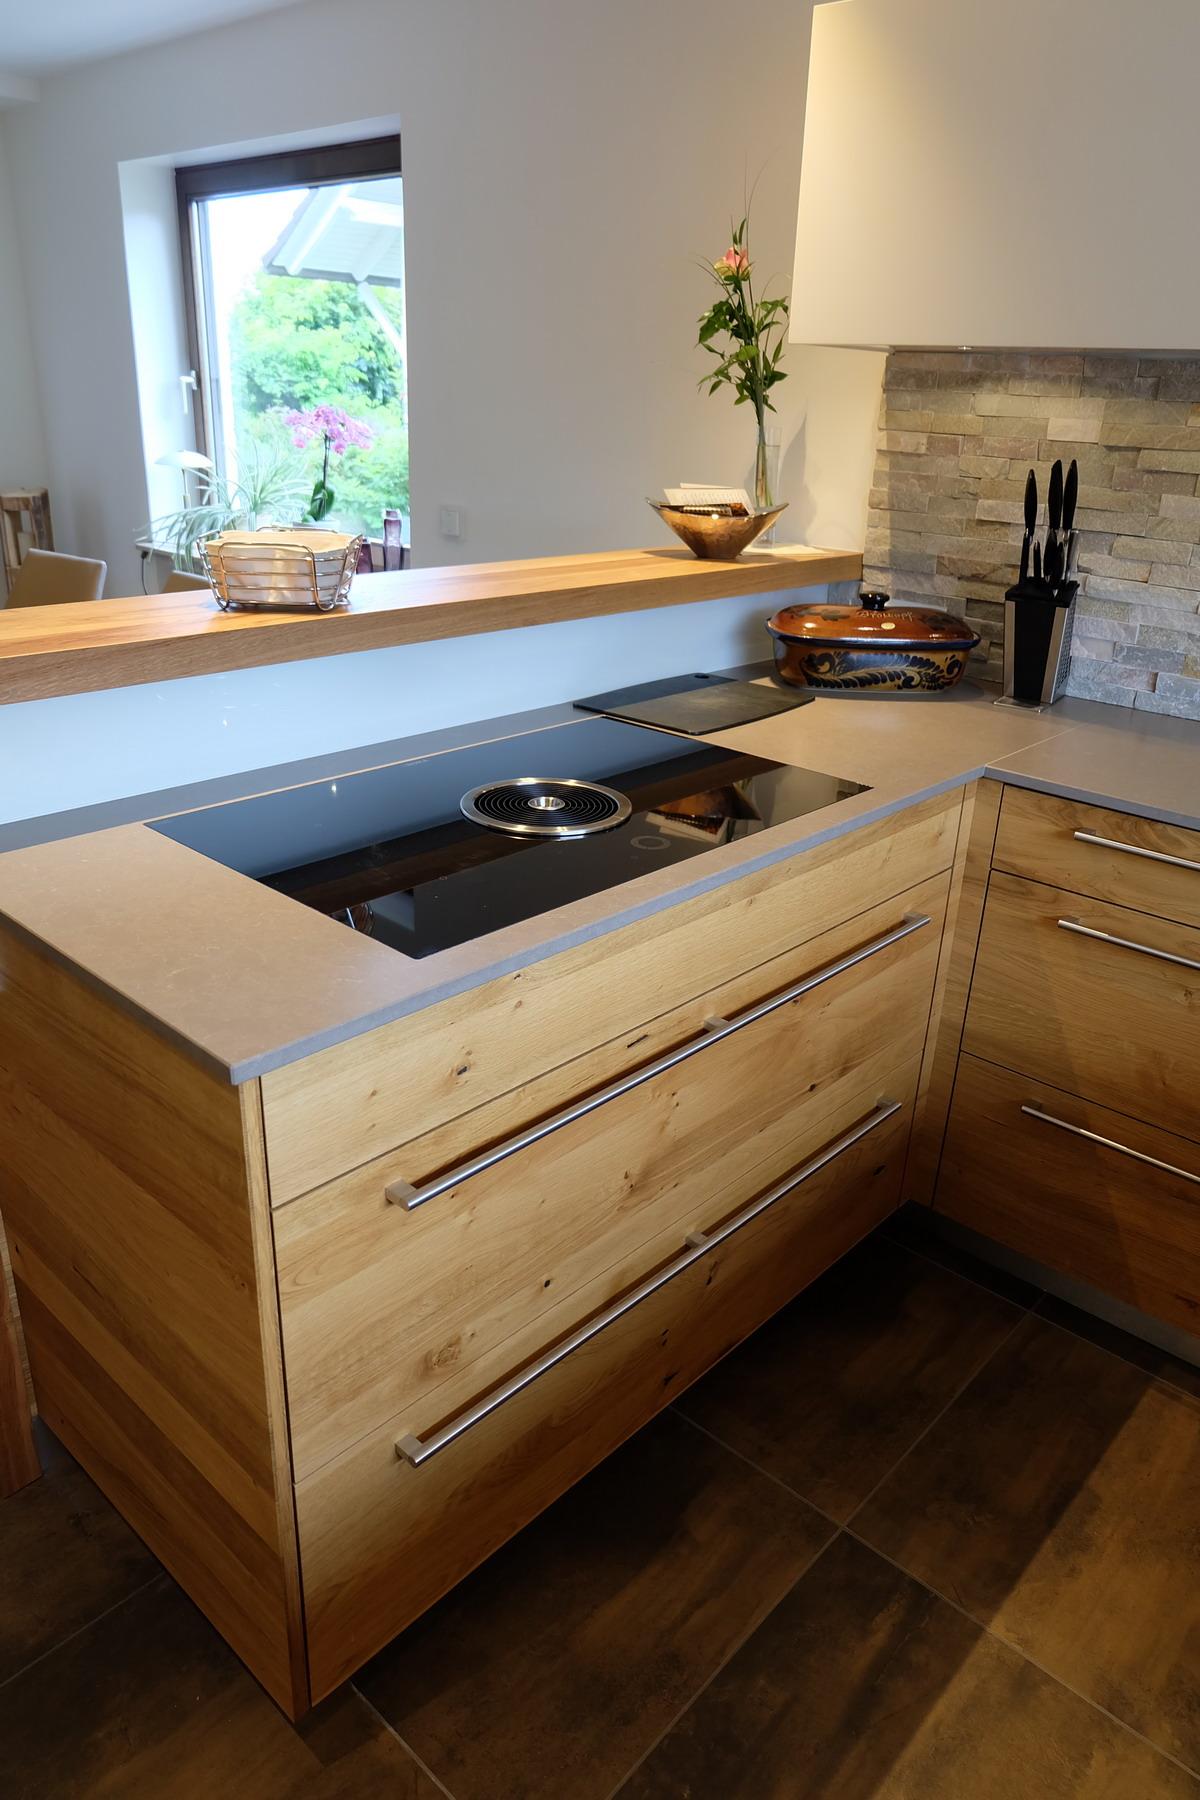 Küche in Eiche und weiß Lack | Resch Innenausbau